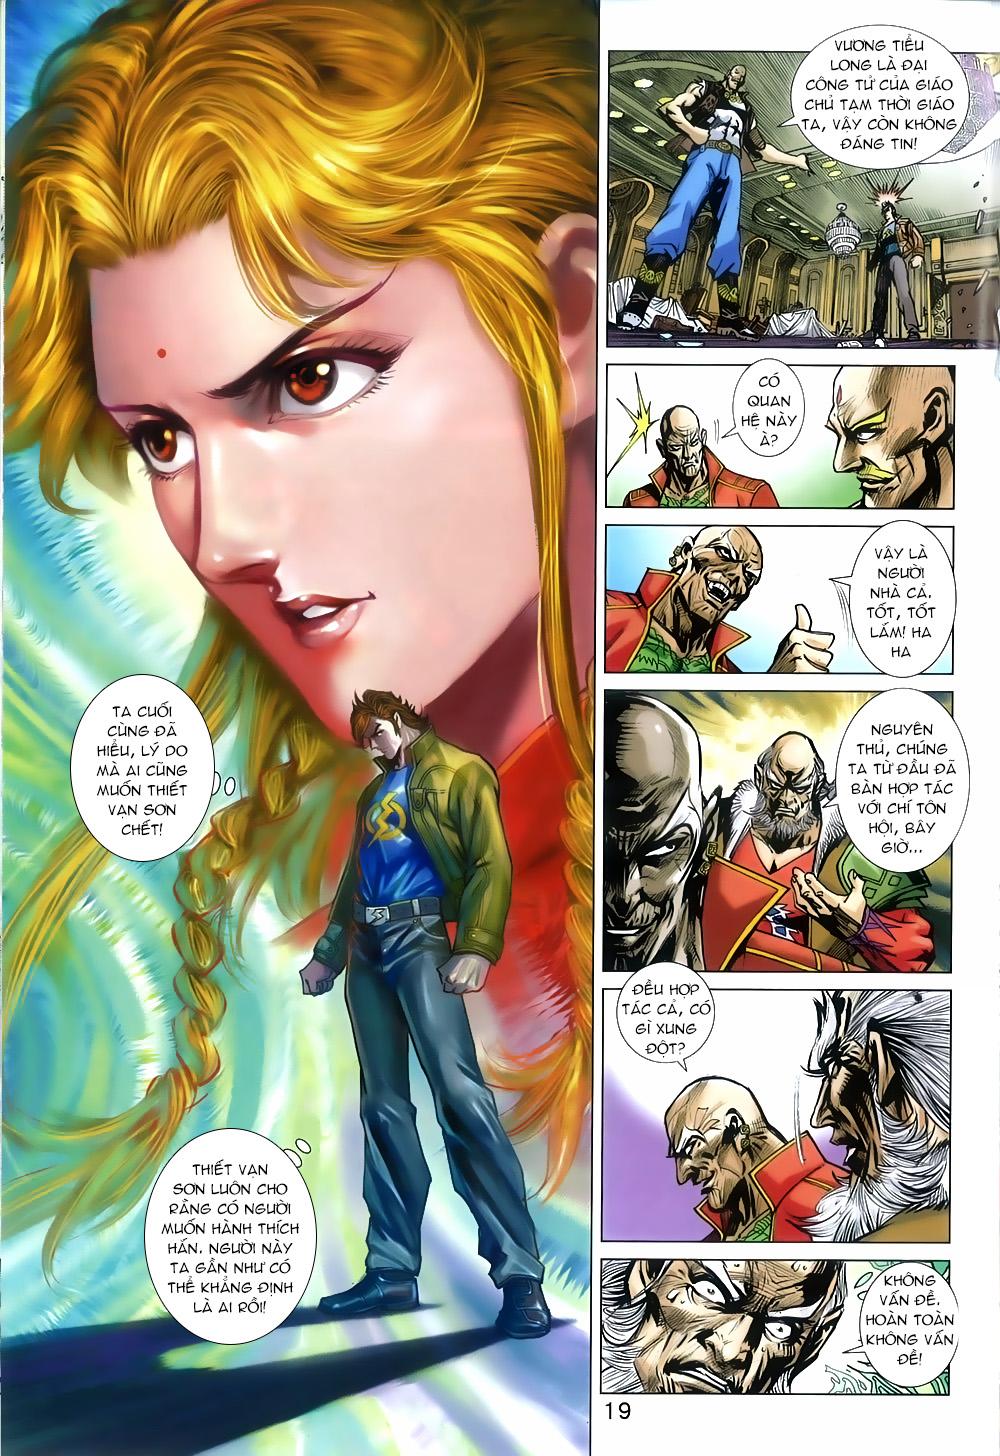 Tân Tác Long Hổ Môn chap 816 Trang 19 - Mangak.info